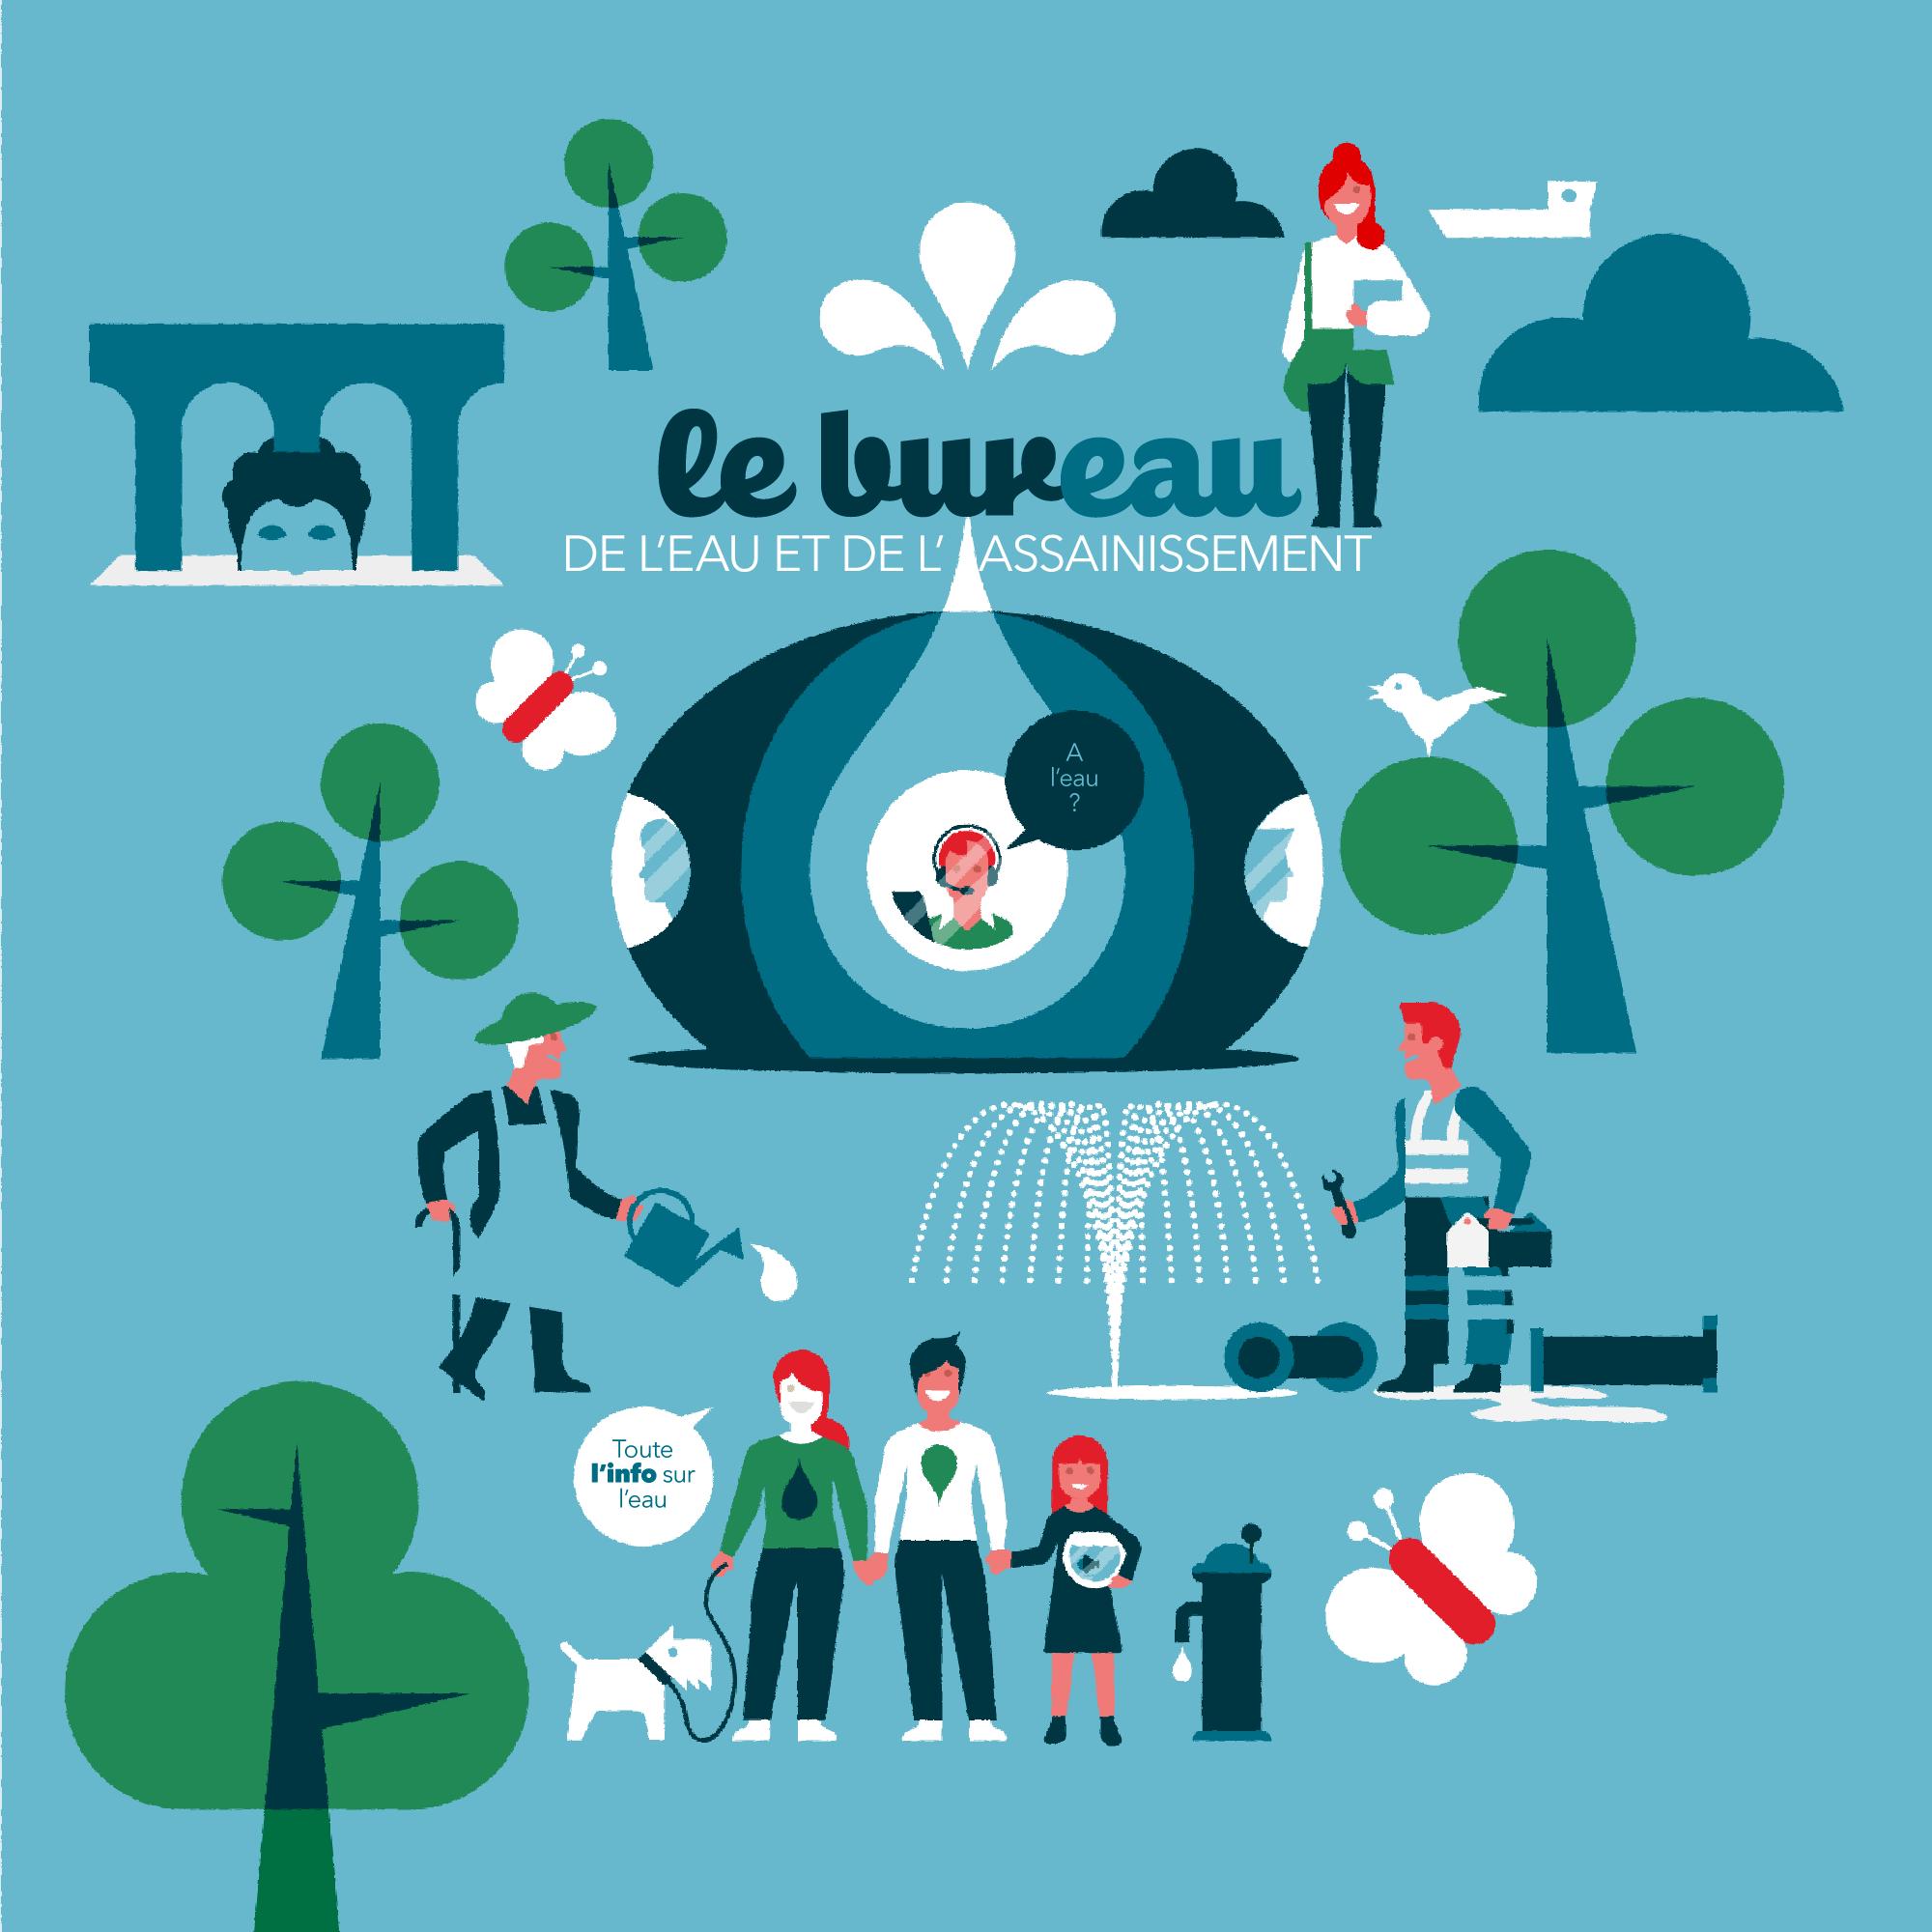 Affiche service de l'eau